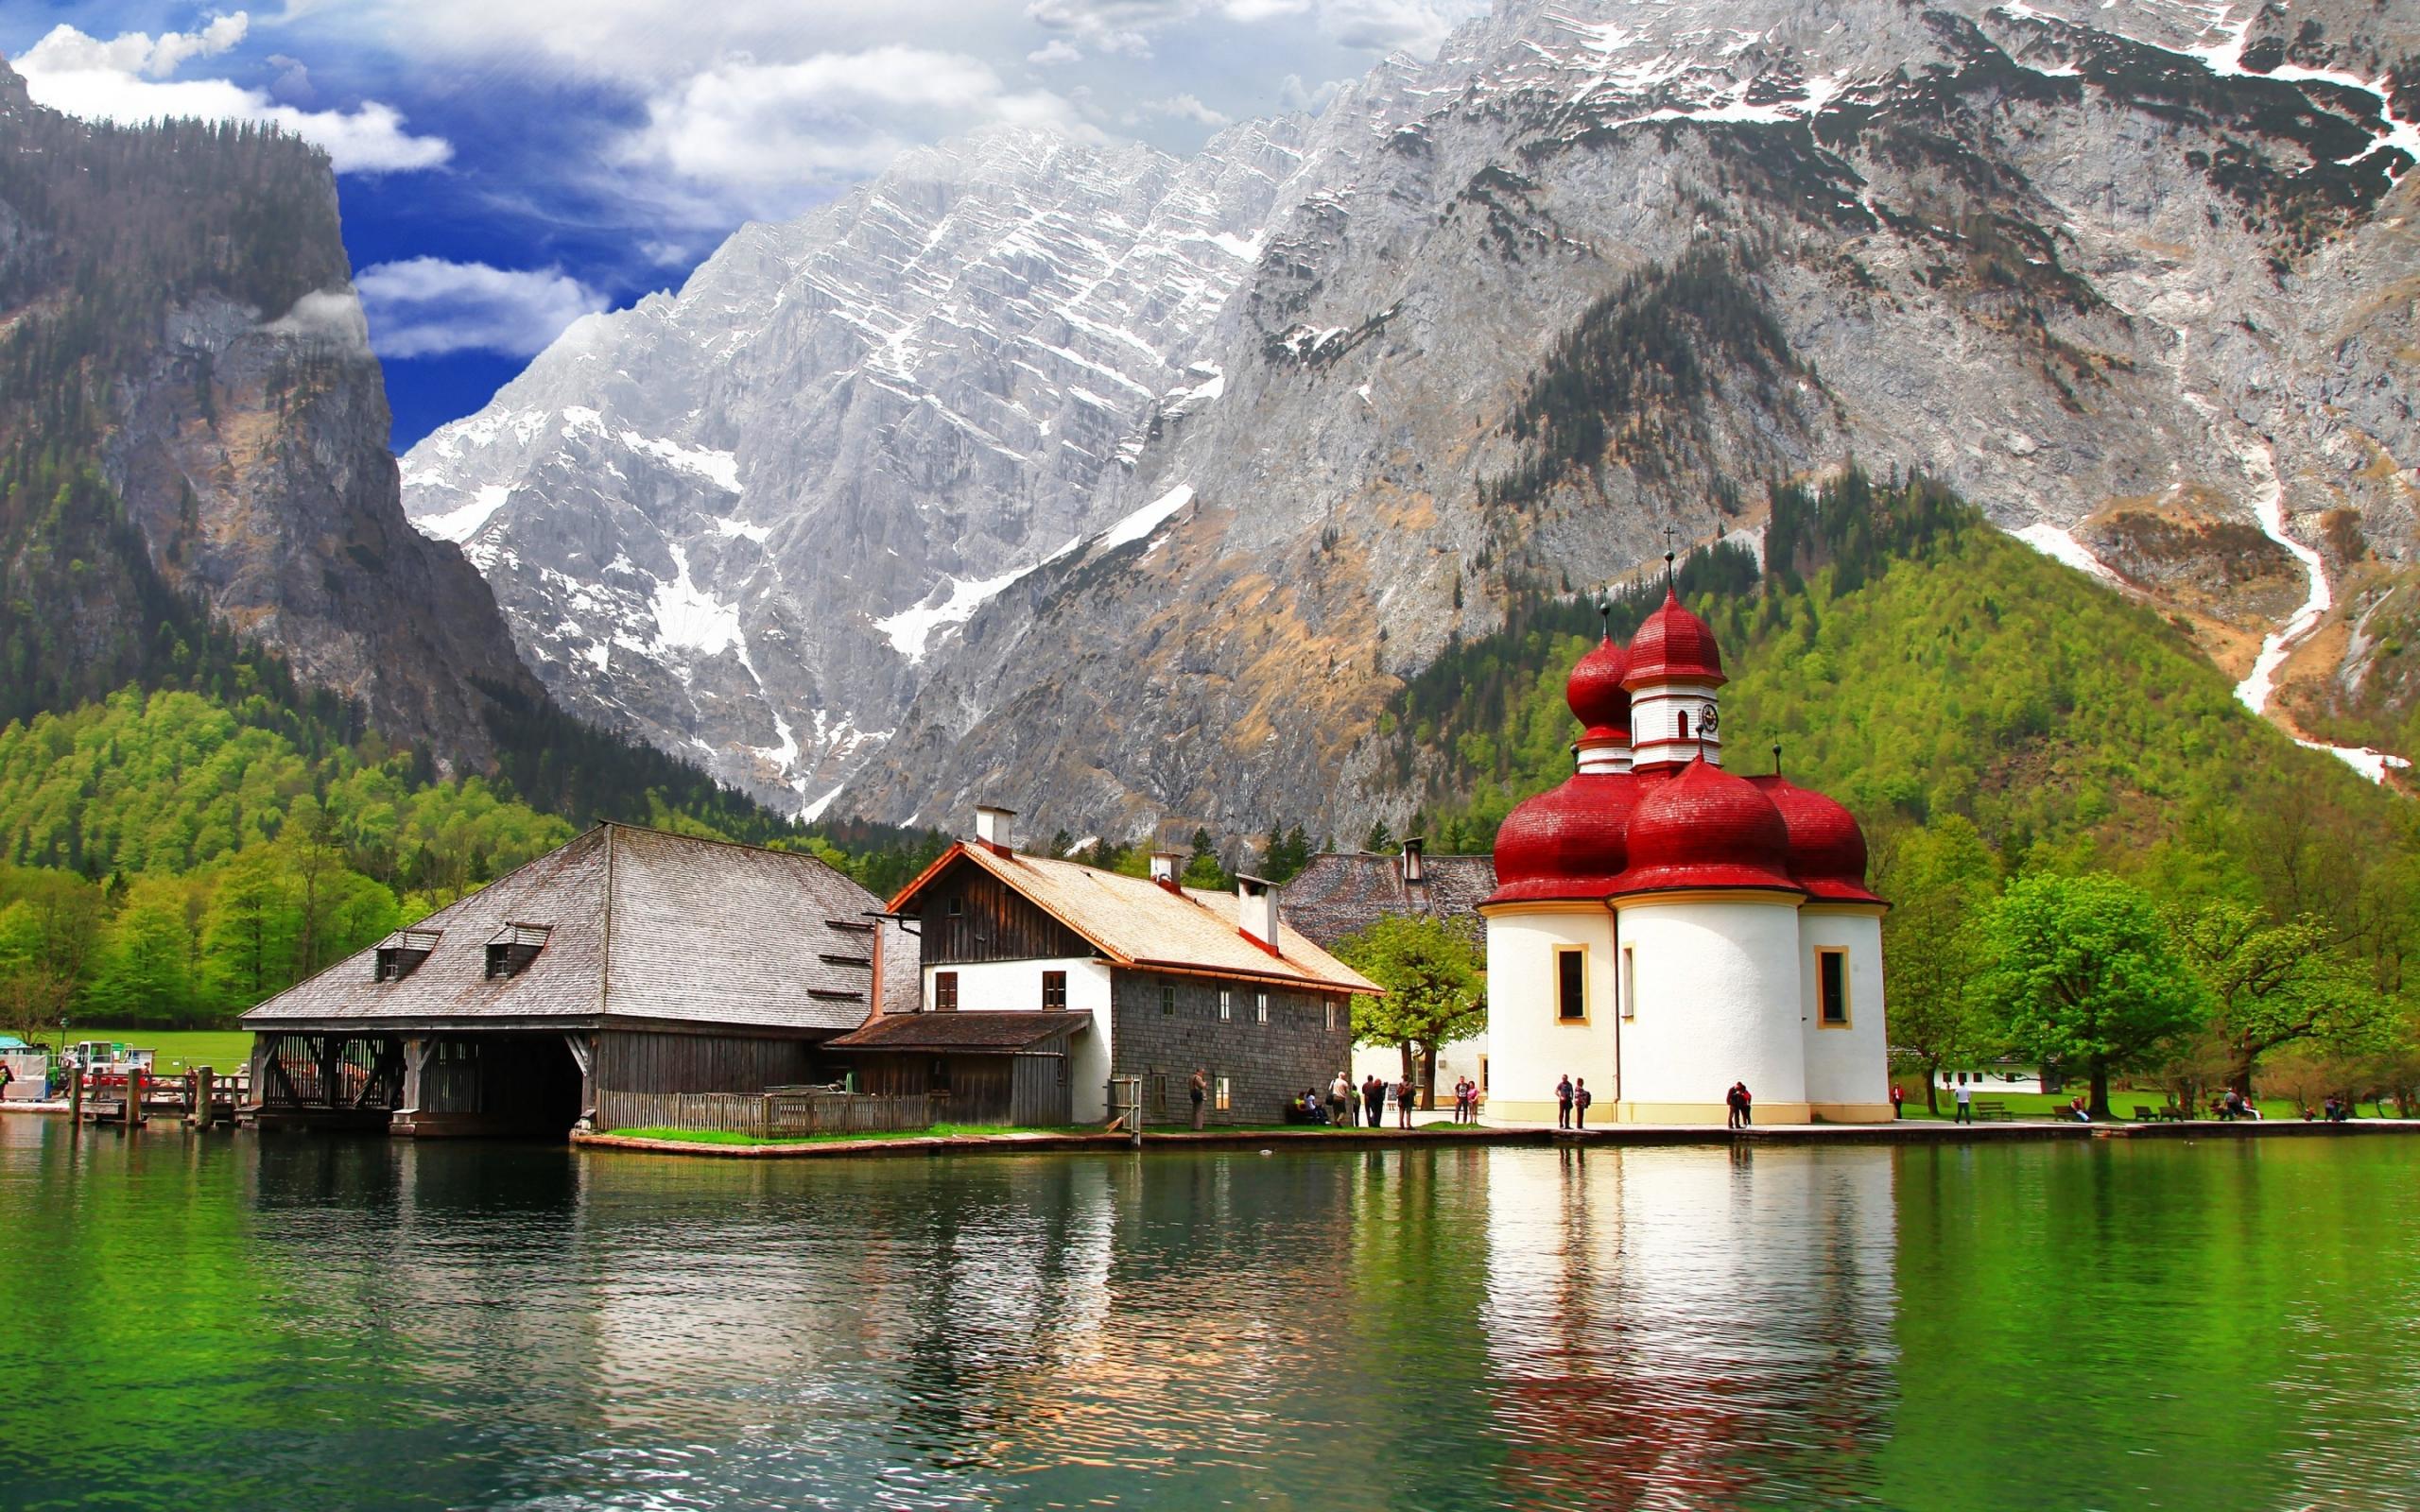 2560x1600px 3259.31 KB Berchtesgaden #341647.